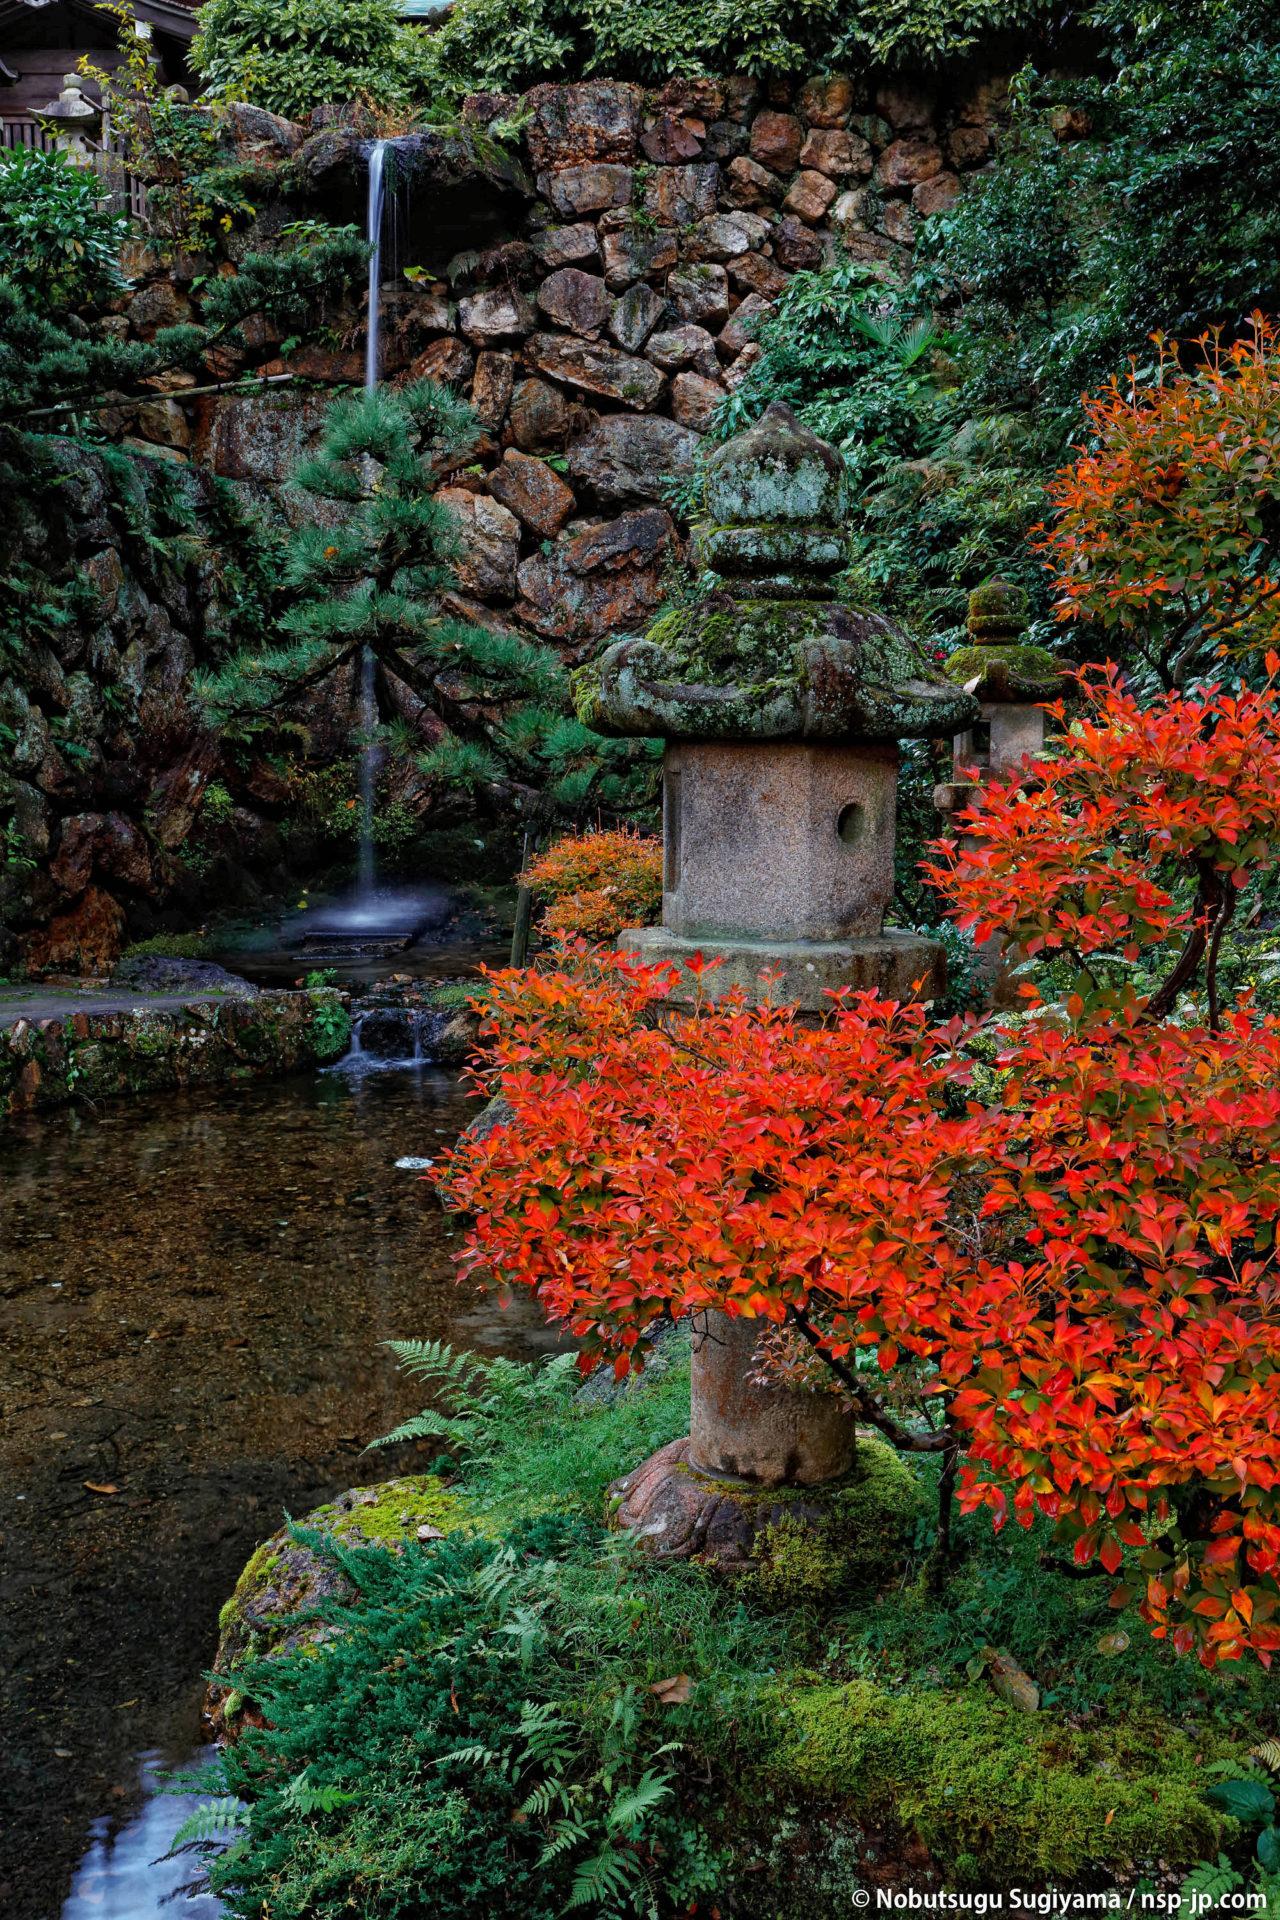 伊奈波神社-神滝と石灯篭 | 岐阜 故郷巡礼 by 杉山宣嗣